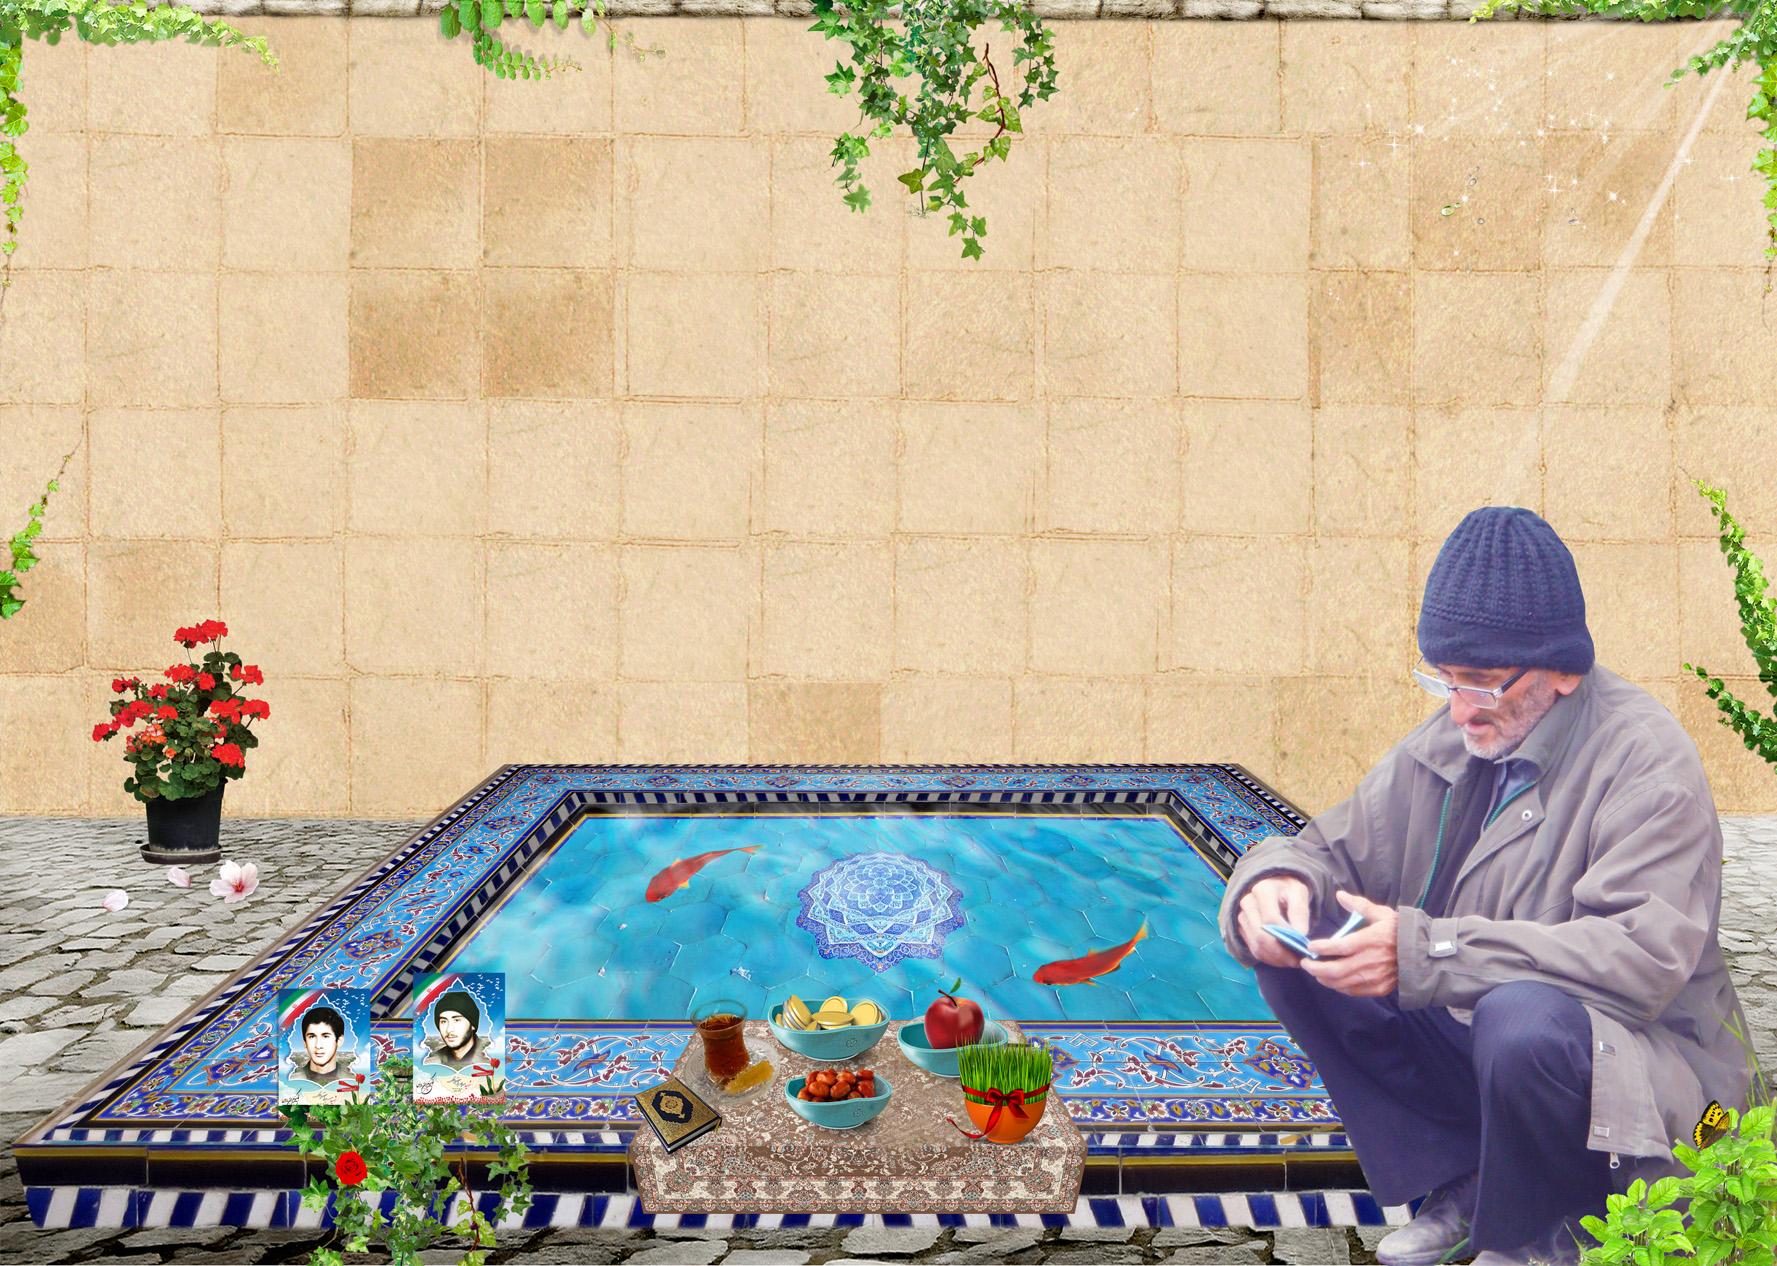 پوستر ویژه ی پدر شهیدان سعید و سهراب اسفندیاری  به مناسبت سال نو